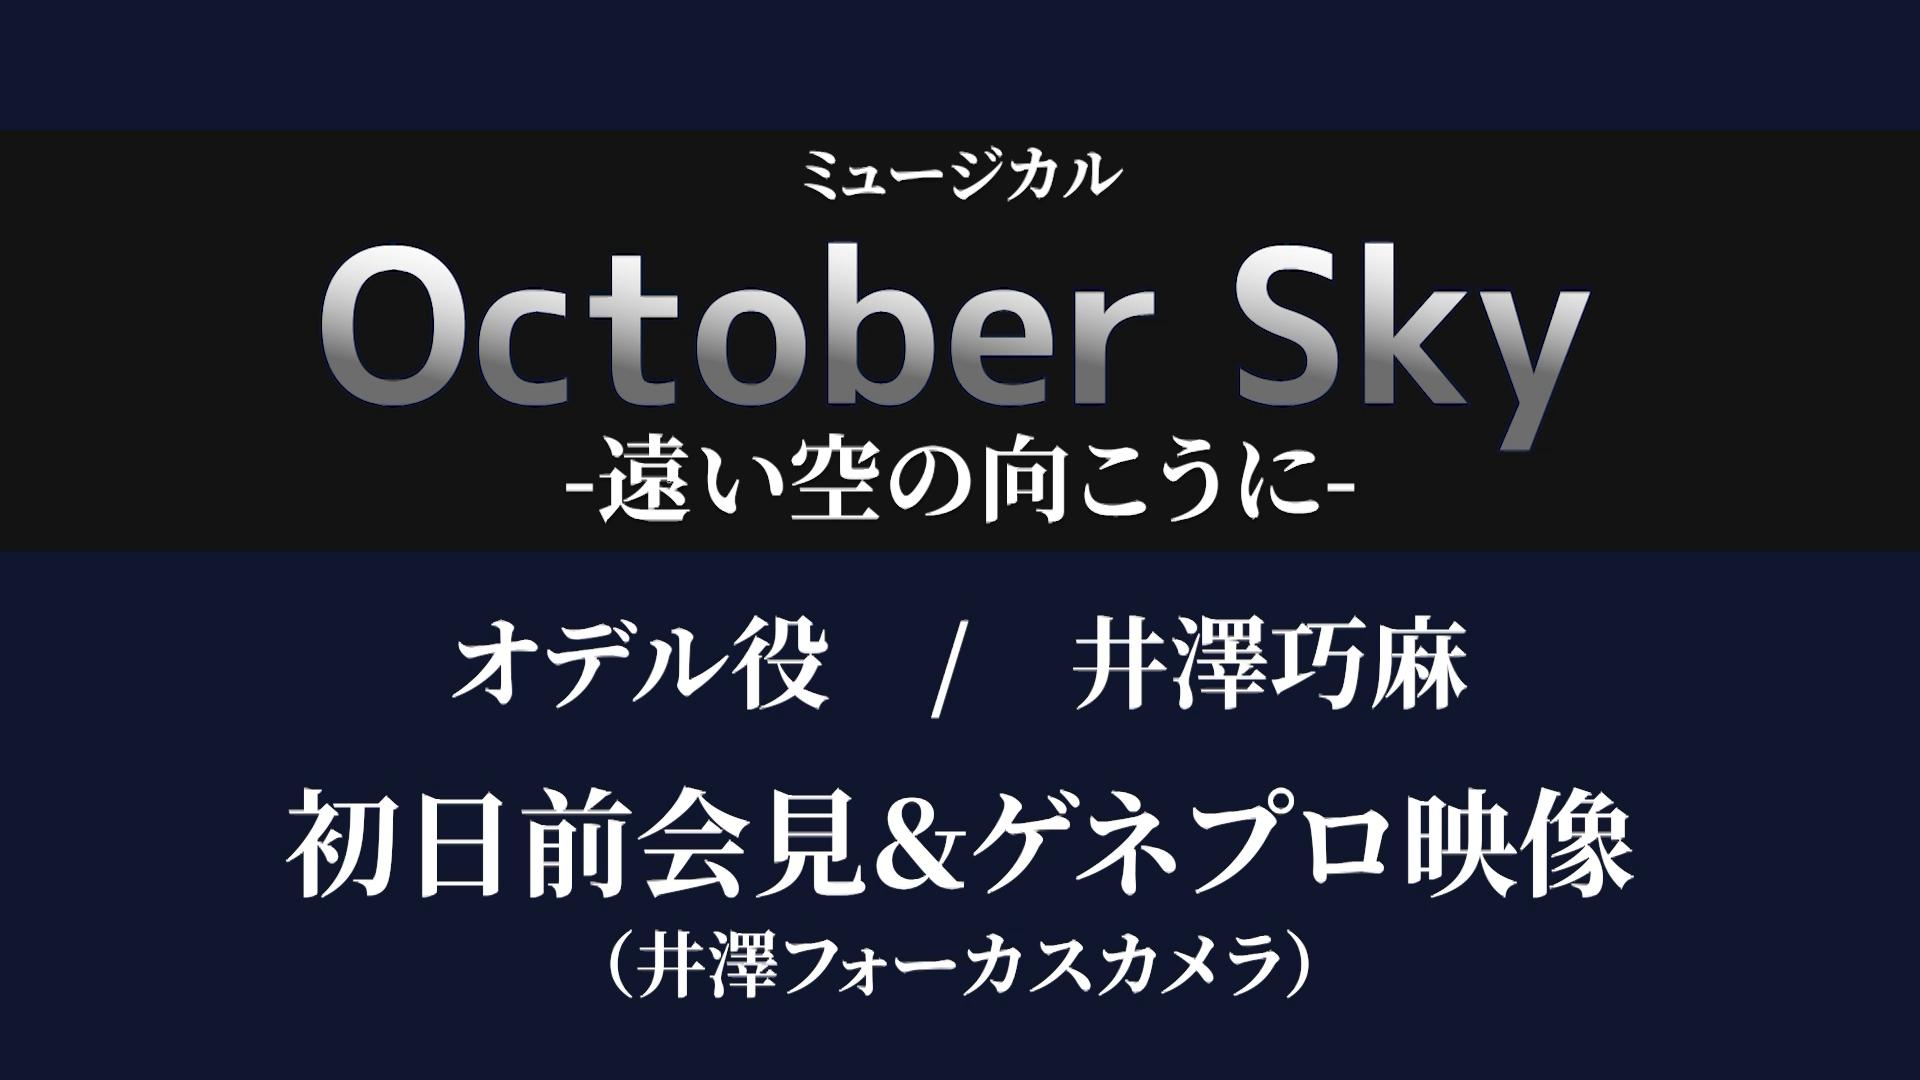 【井澤】ミュージカル 「October Sky -遠い空の向こうに-」初日前会見&ゲネプロ映像(井澤フォーカスカメラ)